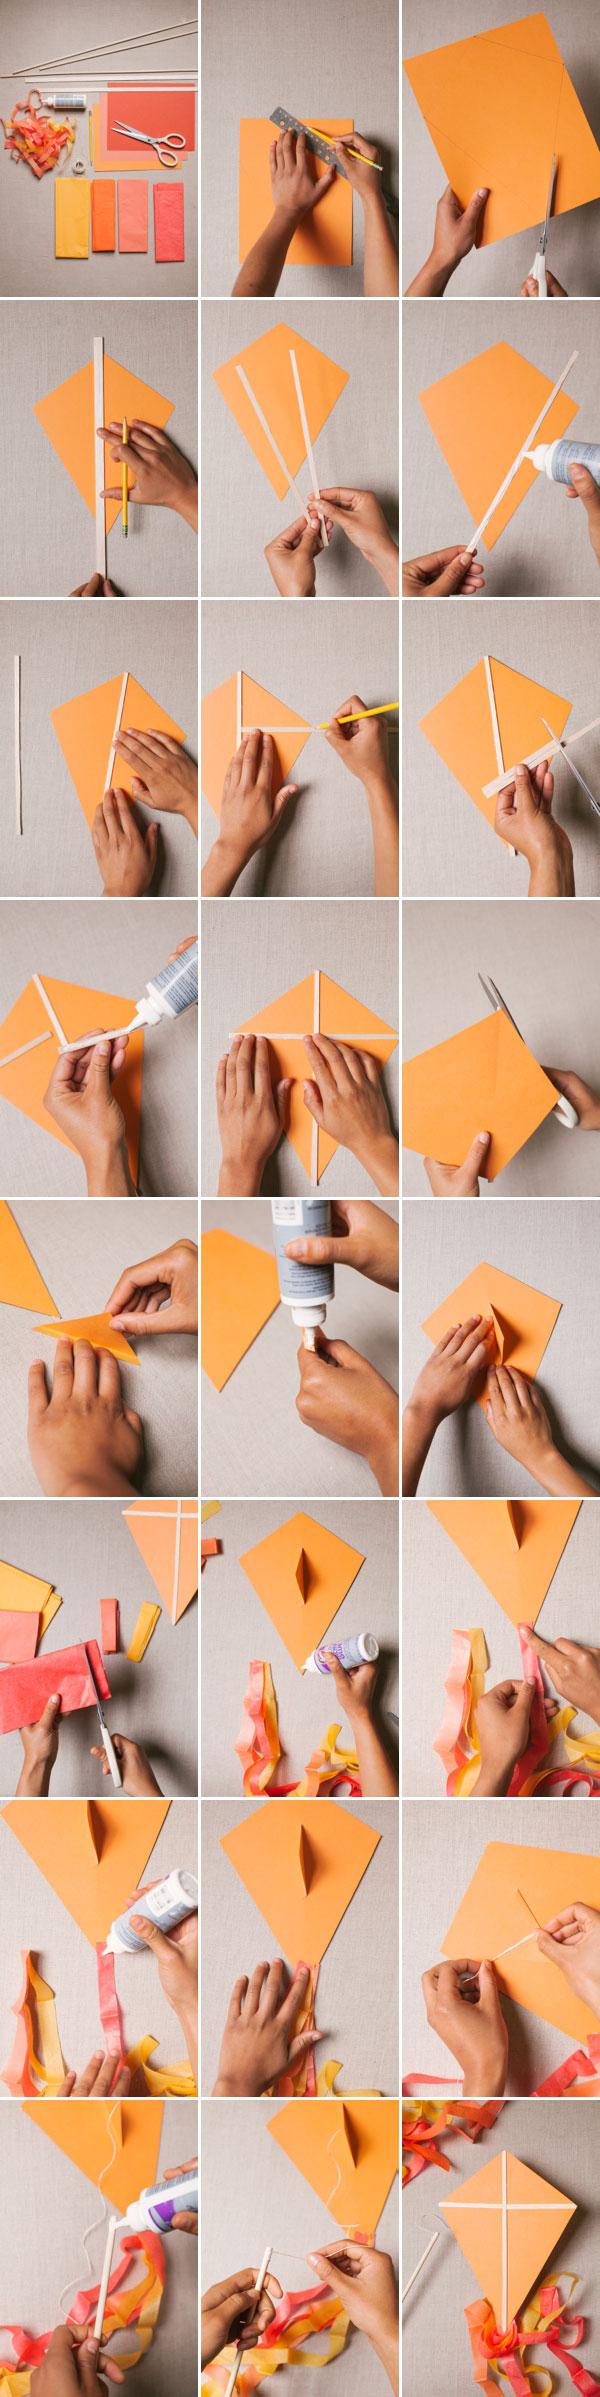 kites22.jpg